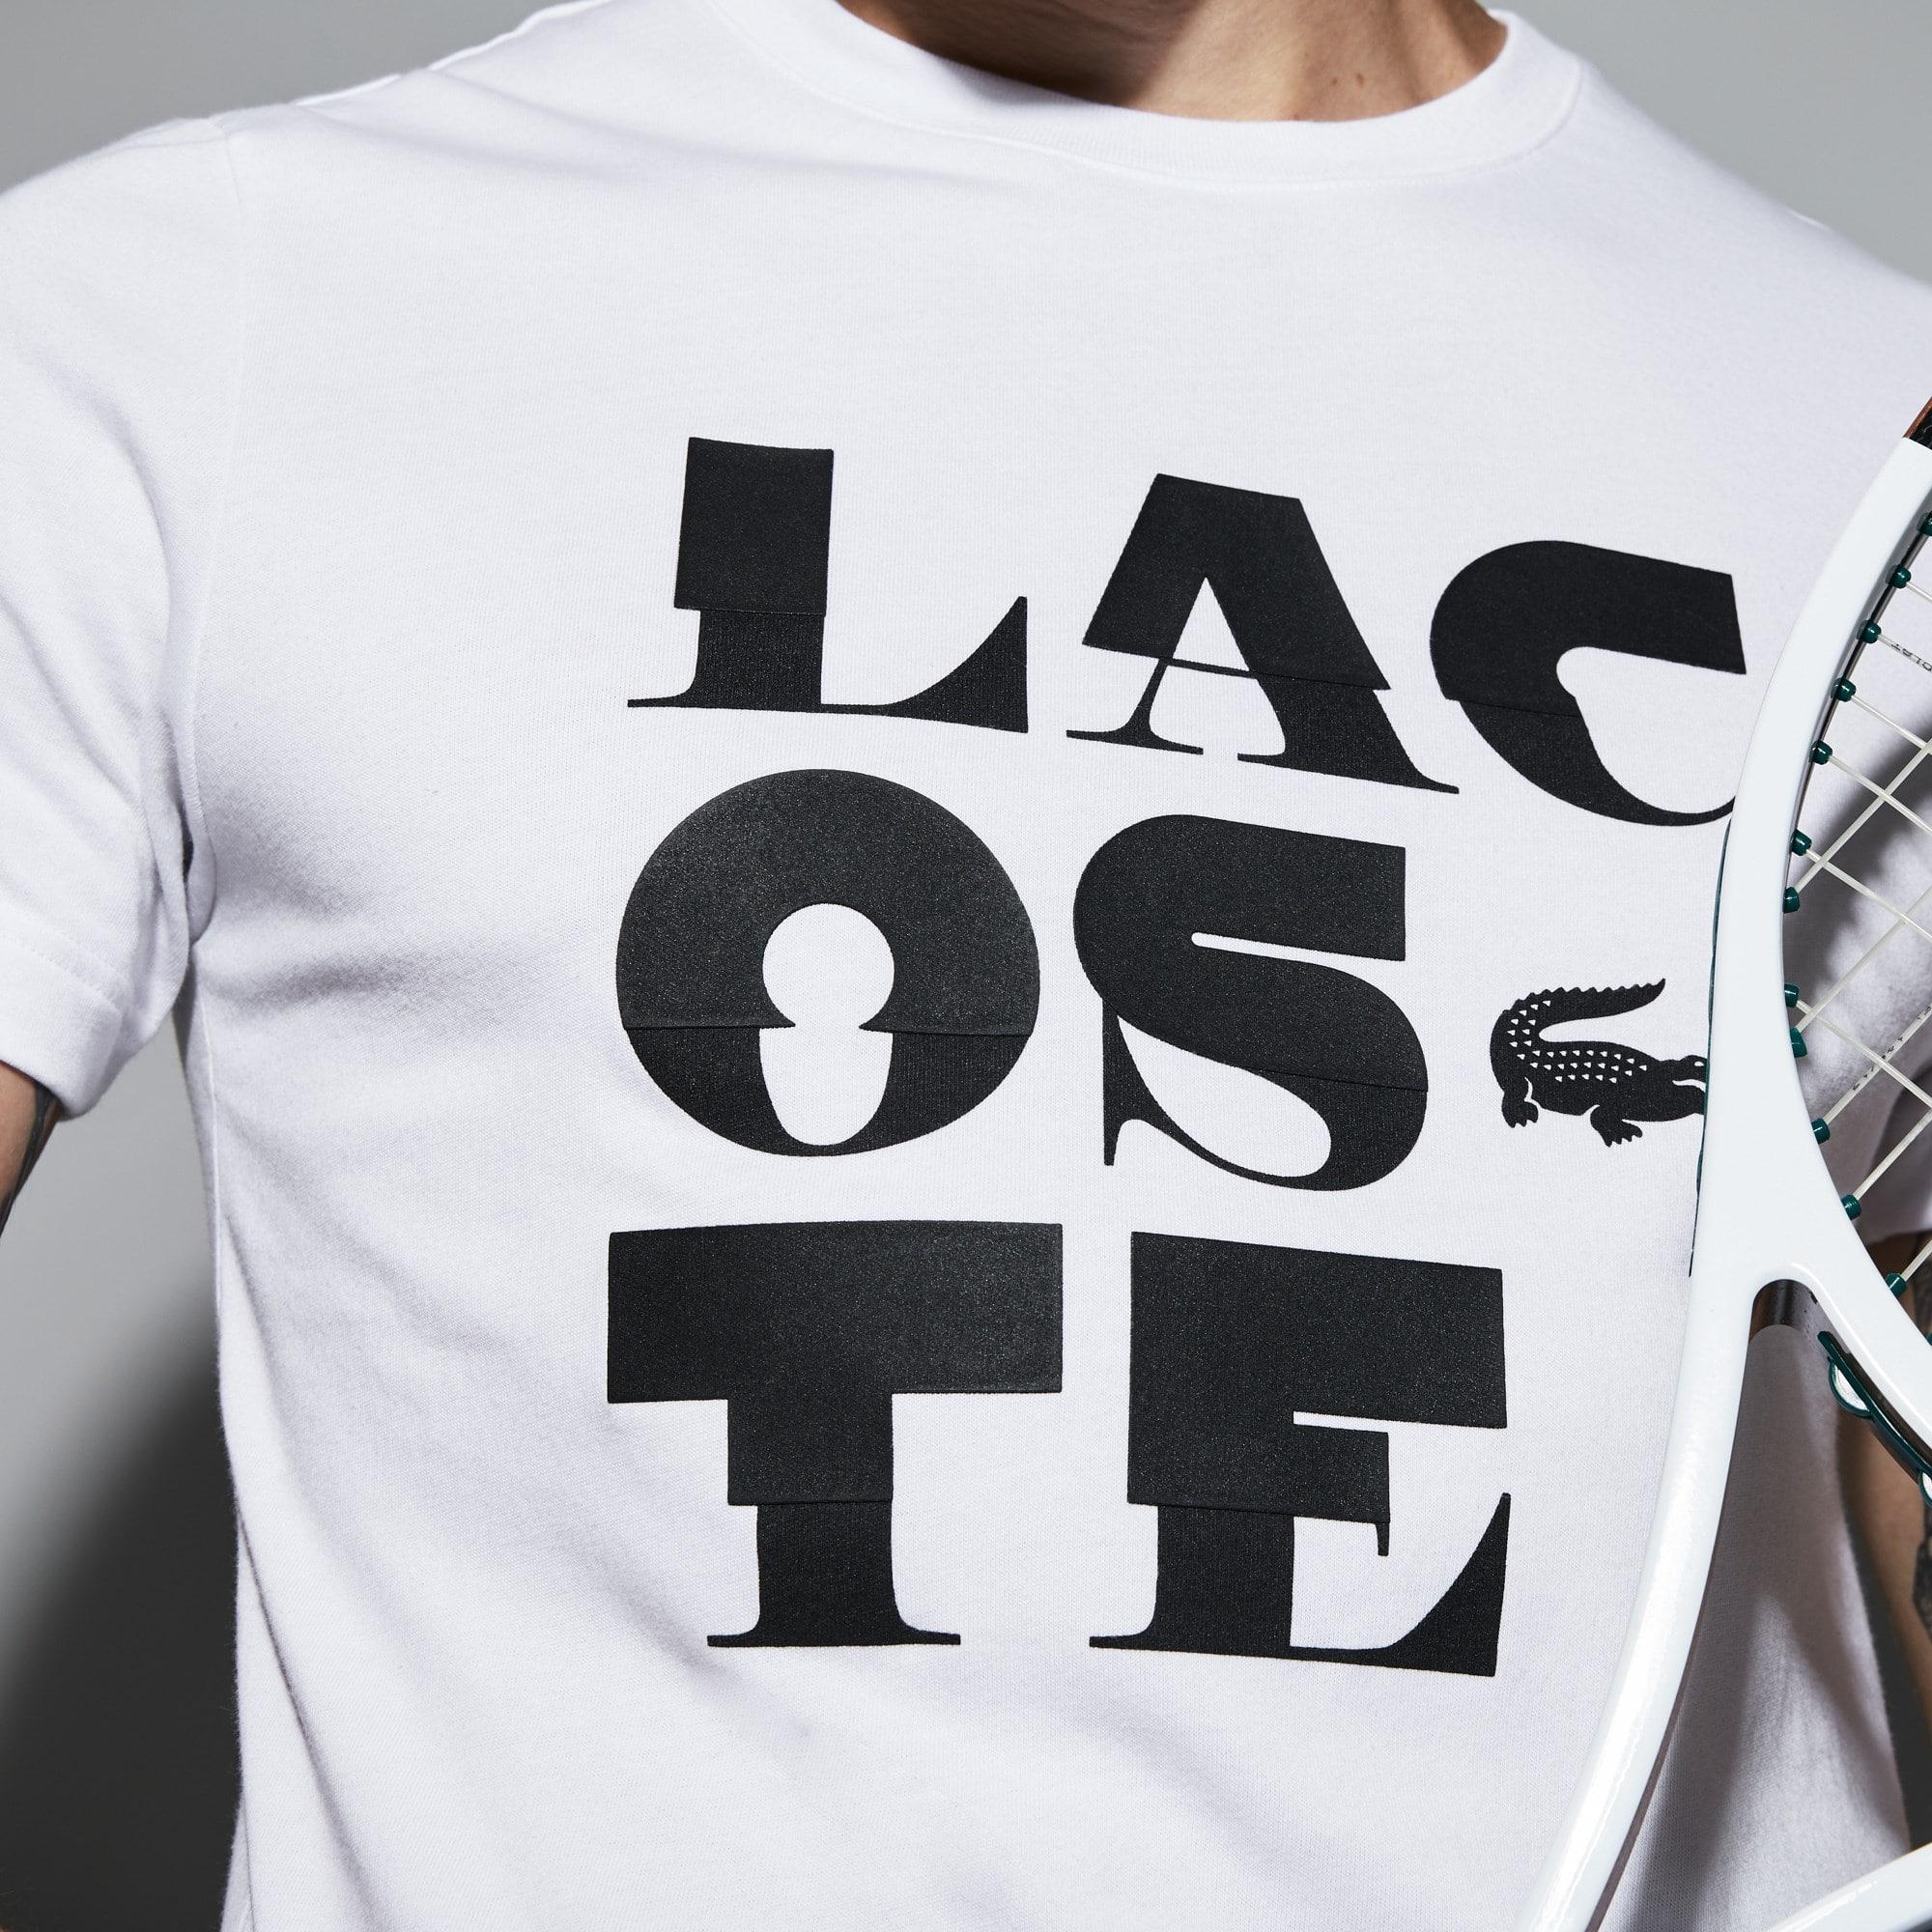 Lacoste - Herren LACOSTE SPORT Rundhals Tennis T-Shirt aus Jersey - 4